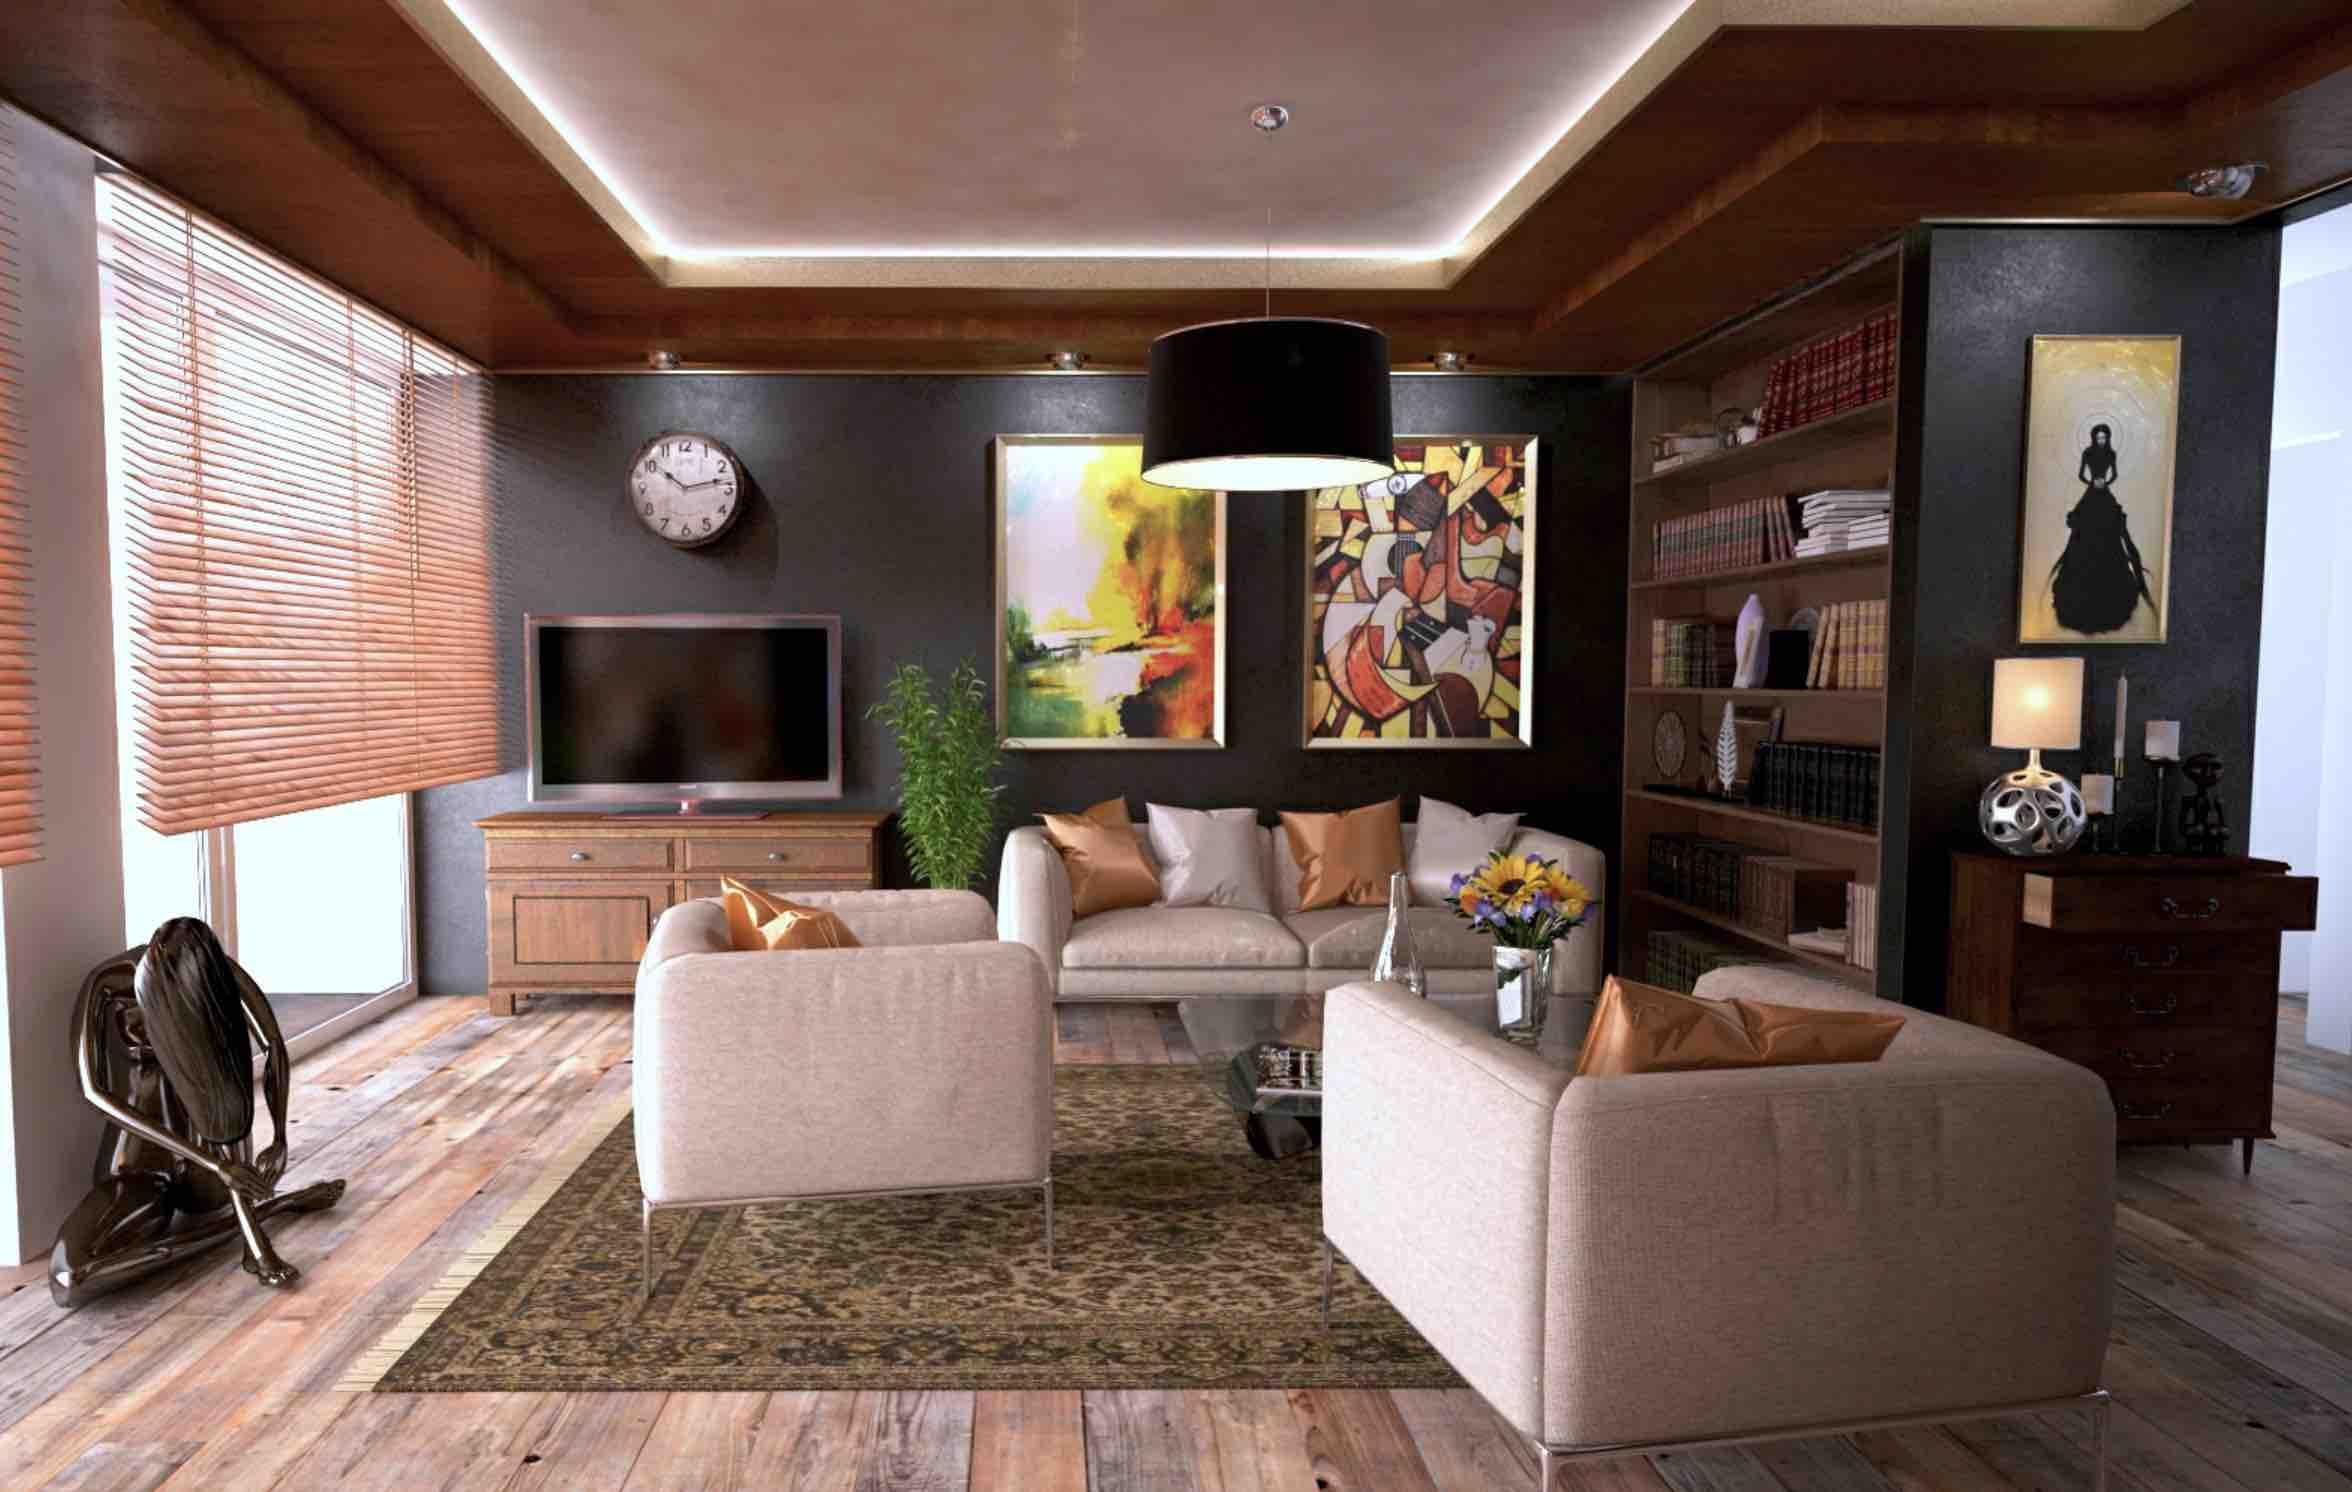 commercial interior design trends 2018. Black Bedroom Furniture Sets. Home Design Ideas